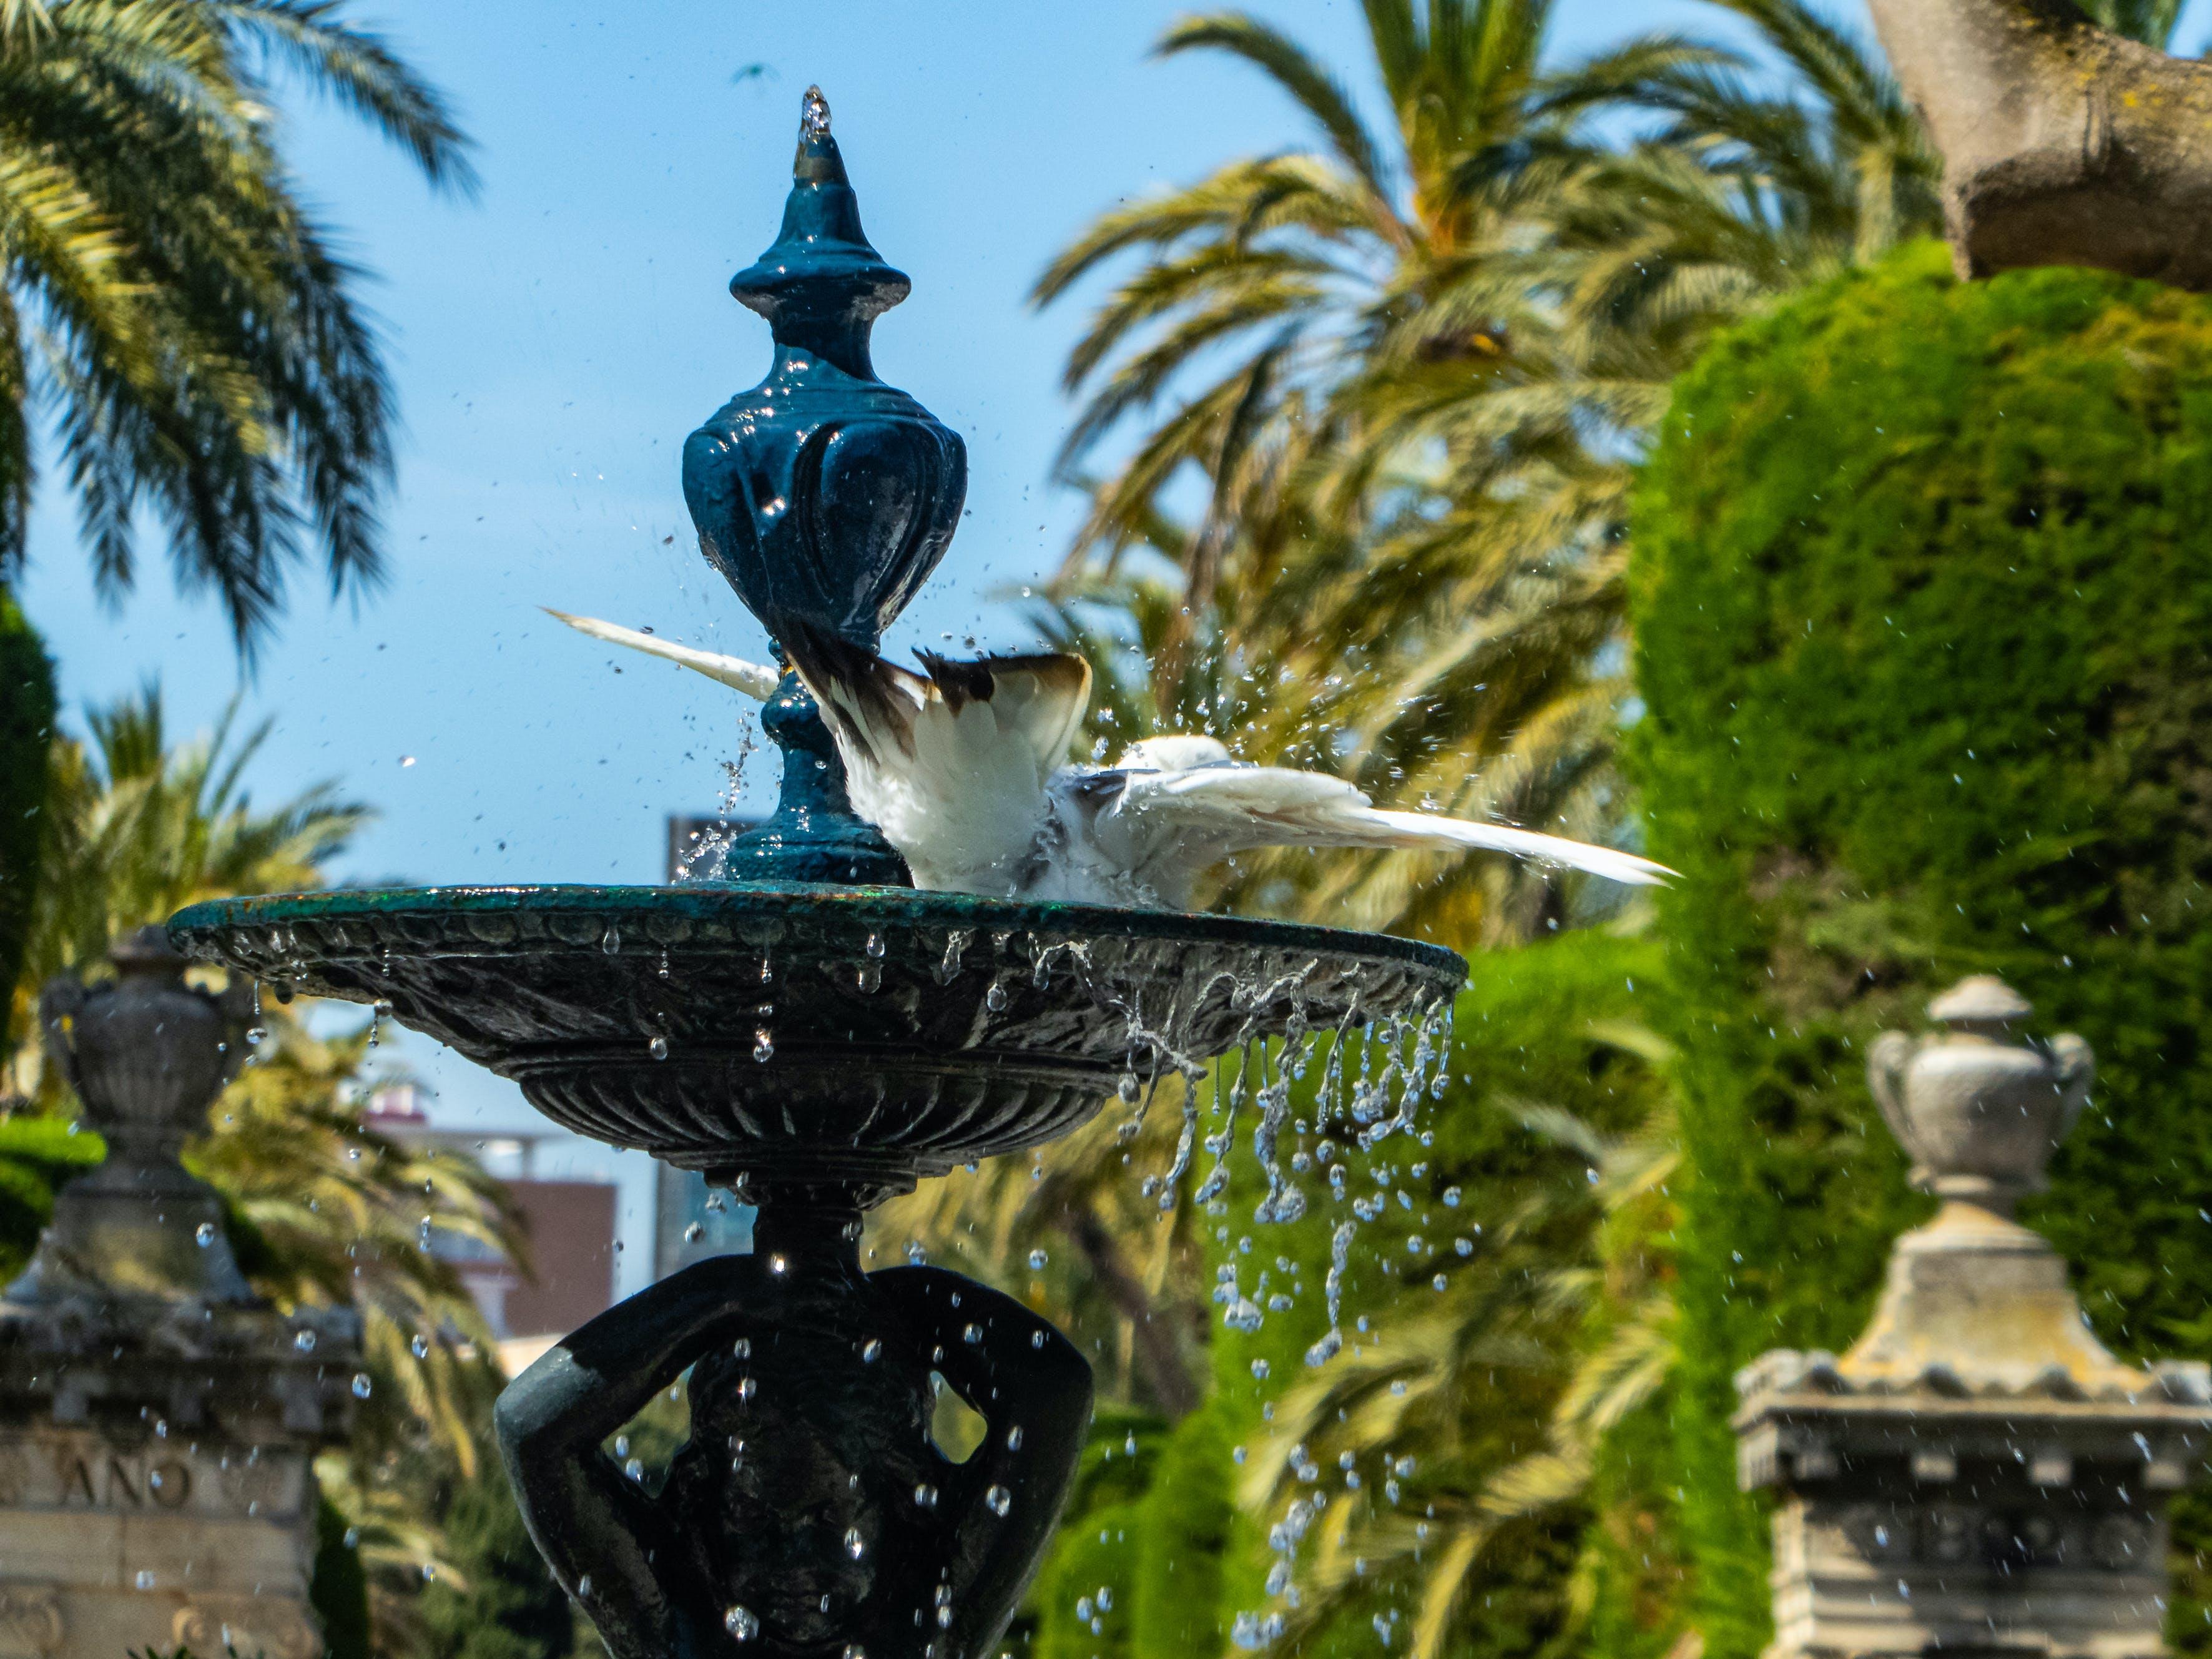 Δωρεάν στοκ φωτογραφιών με άσπρο πουλί, γλυκό νερό, Ισπανία, κολύμπι